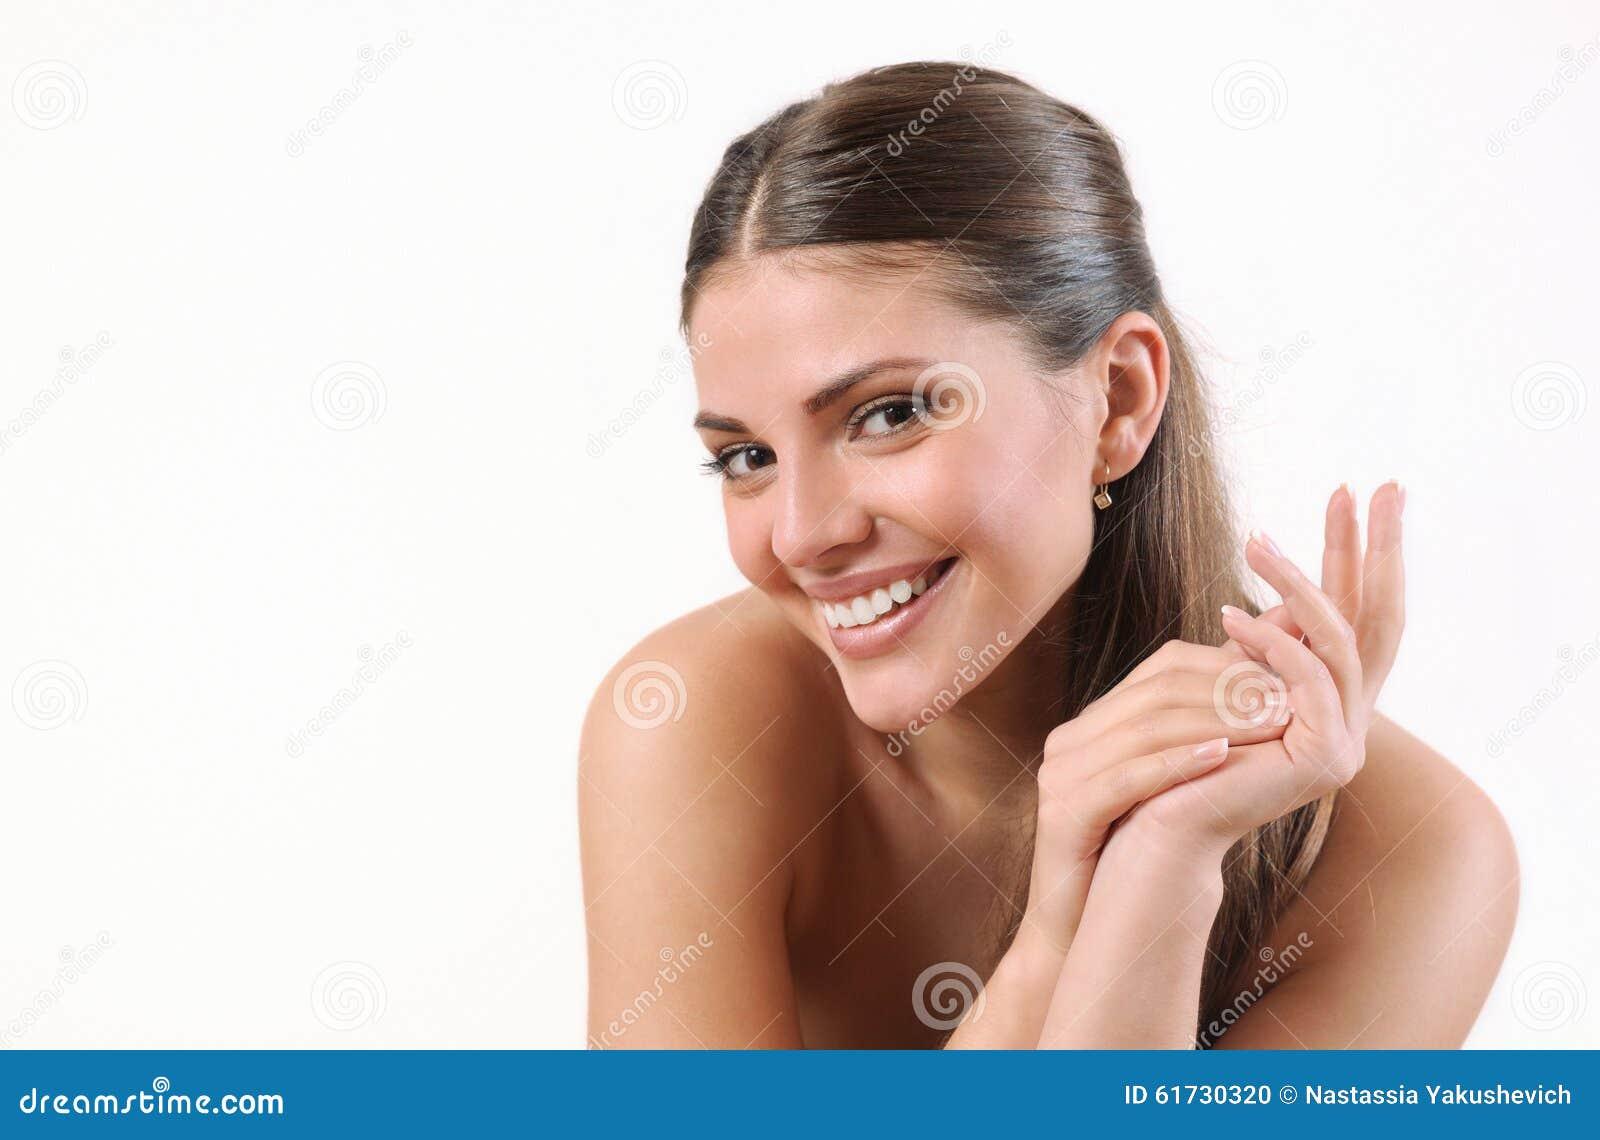 Νέα χαμογελώντας γυναίκα με το καθαρό δέρμα και το ισχυρό υγιές φωτεινό hai